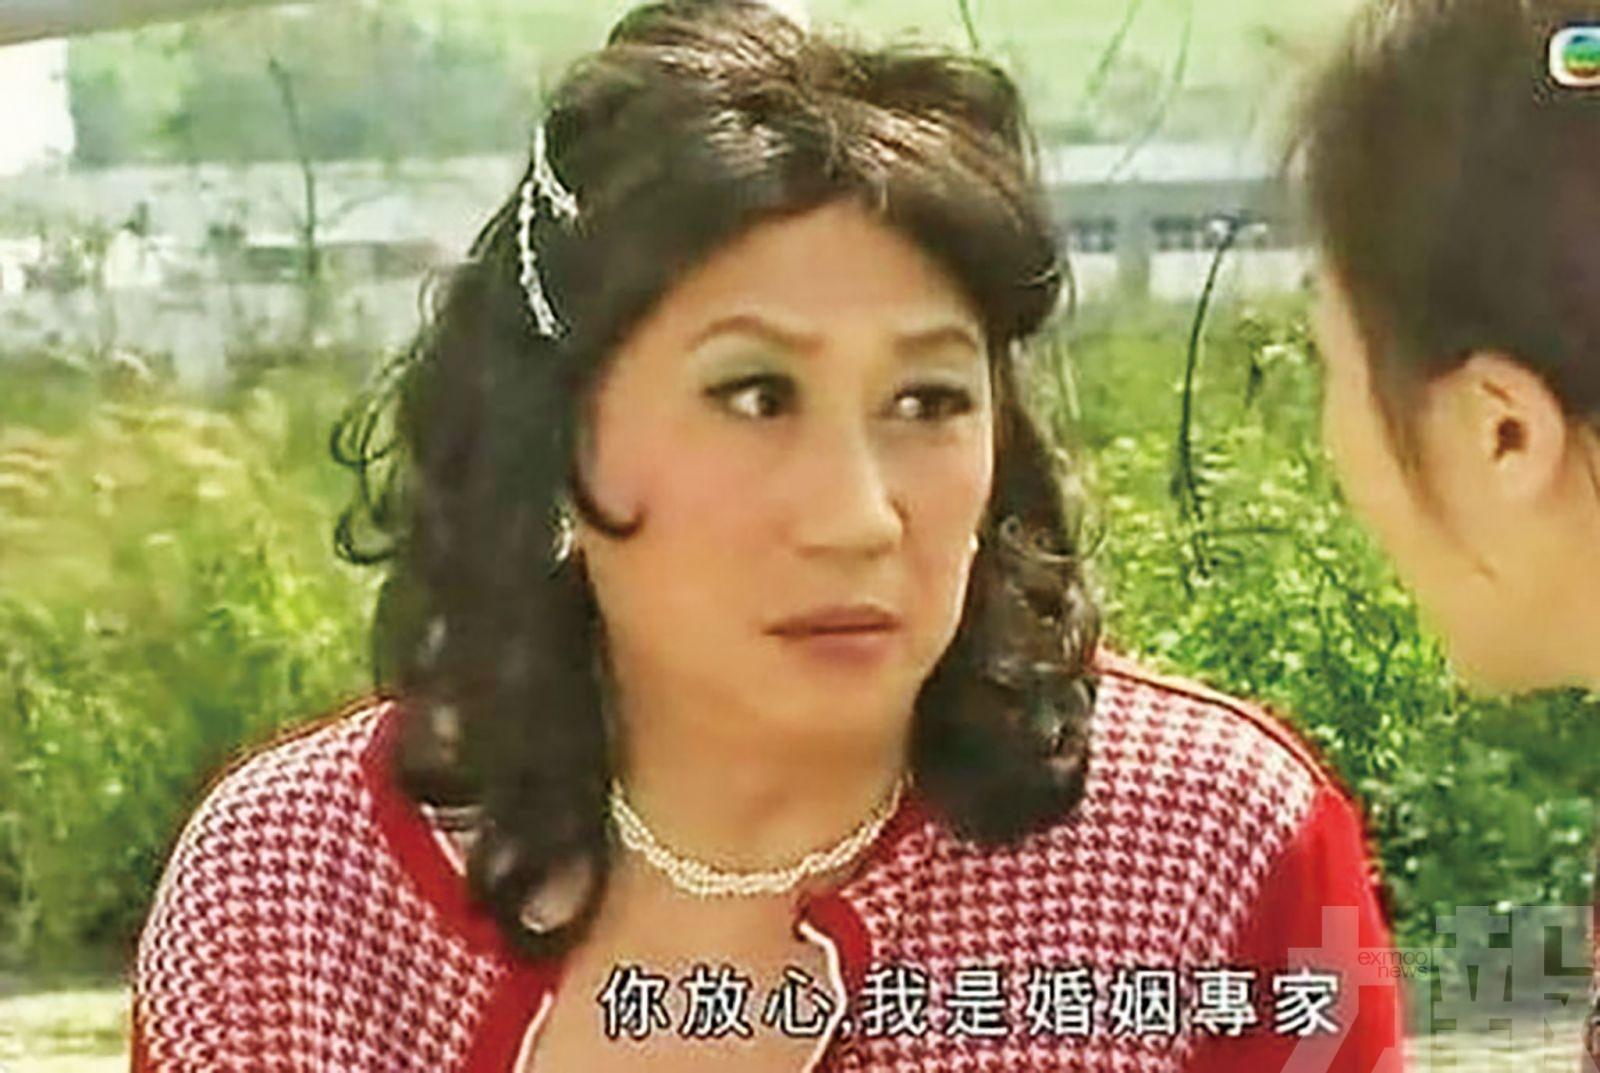 林作叫網民為「佛祖佳麗」集氣